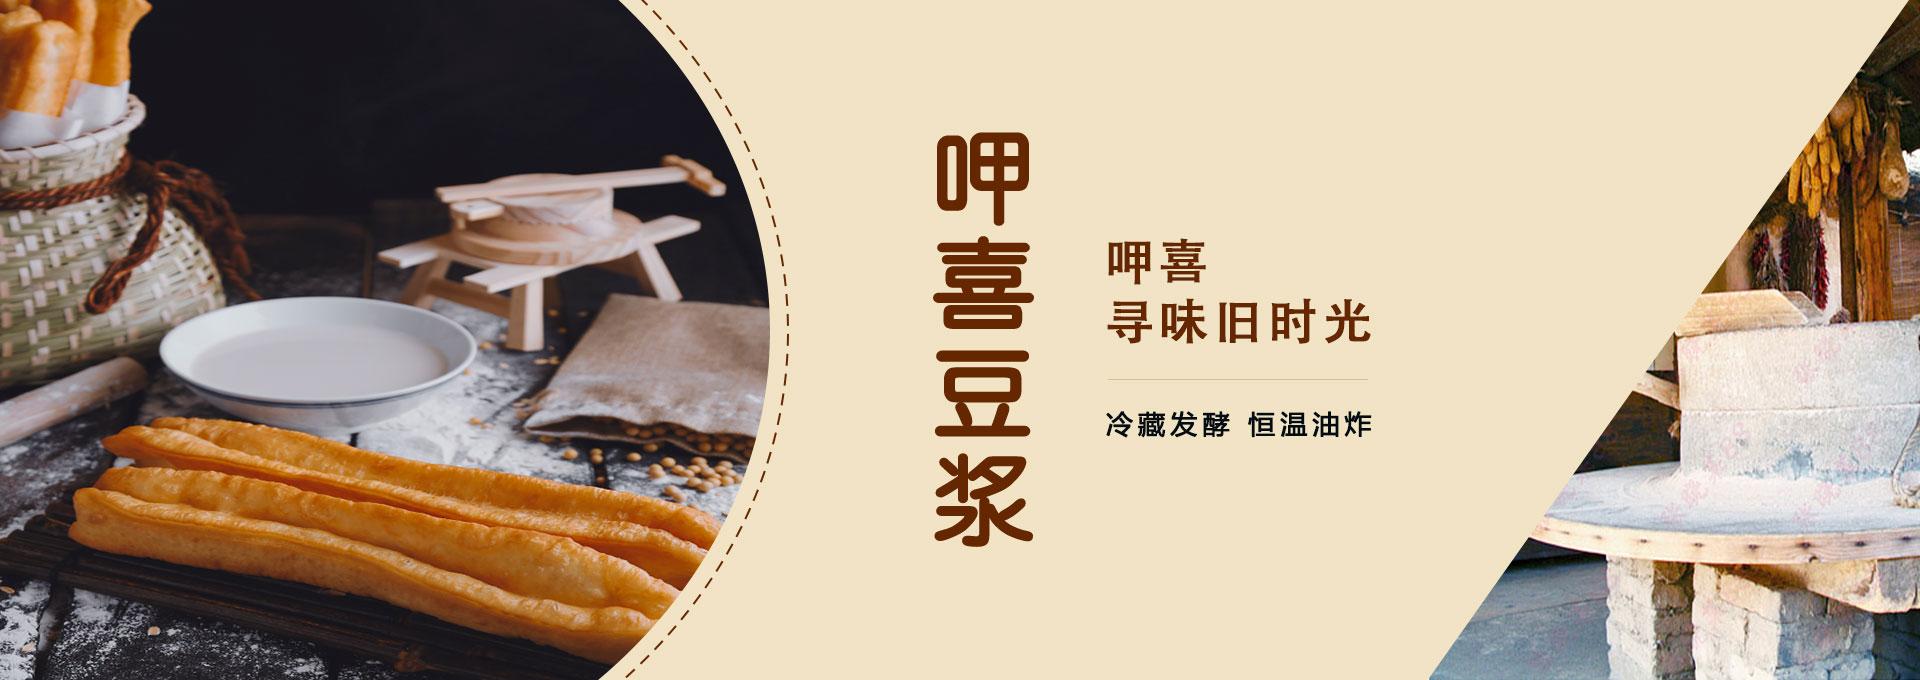 呷喜豆浆油条创业项目_昌启餐饮豆浆油条加盟